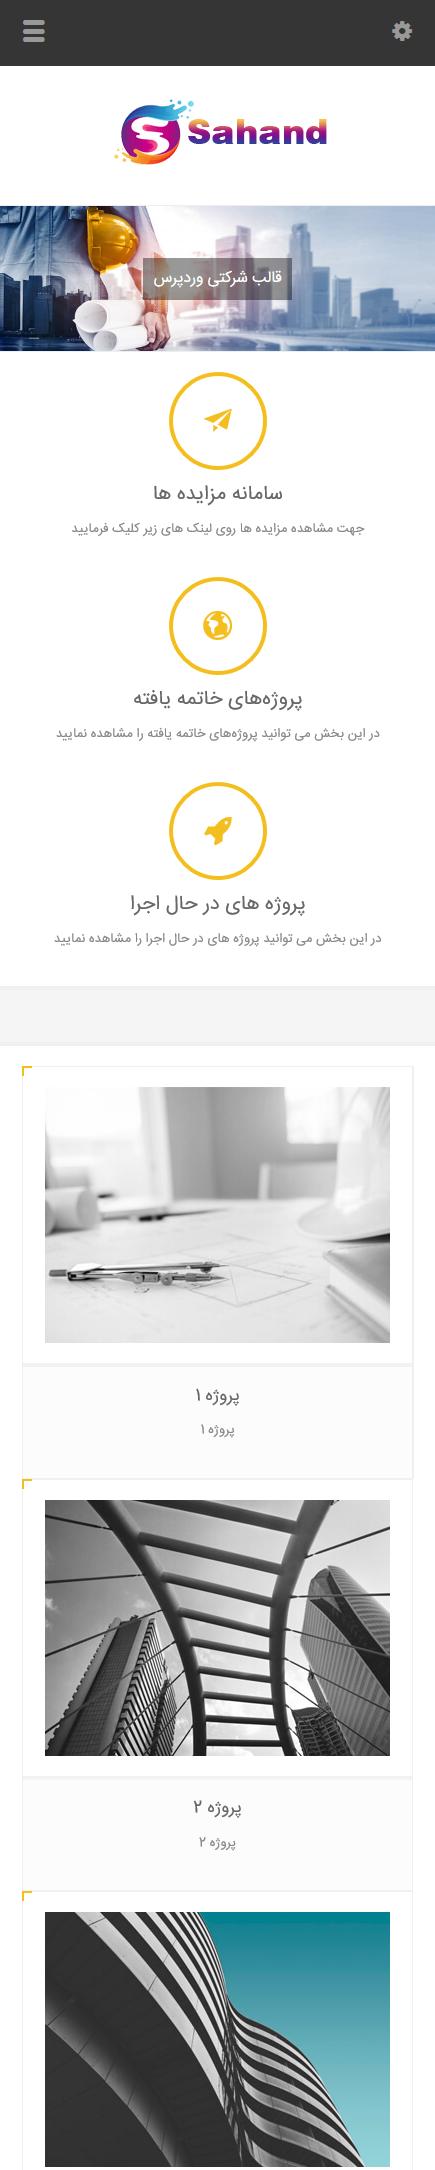 حالت موبایل سایت شرکتی سهند